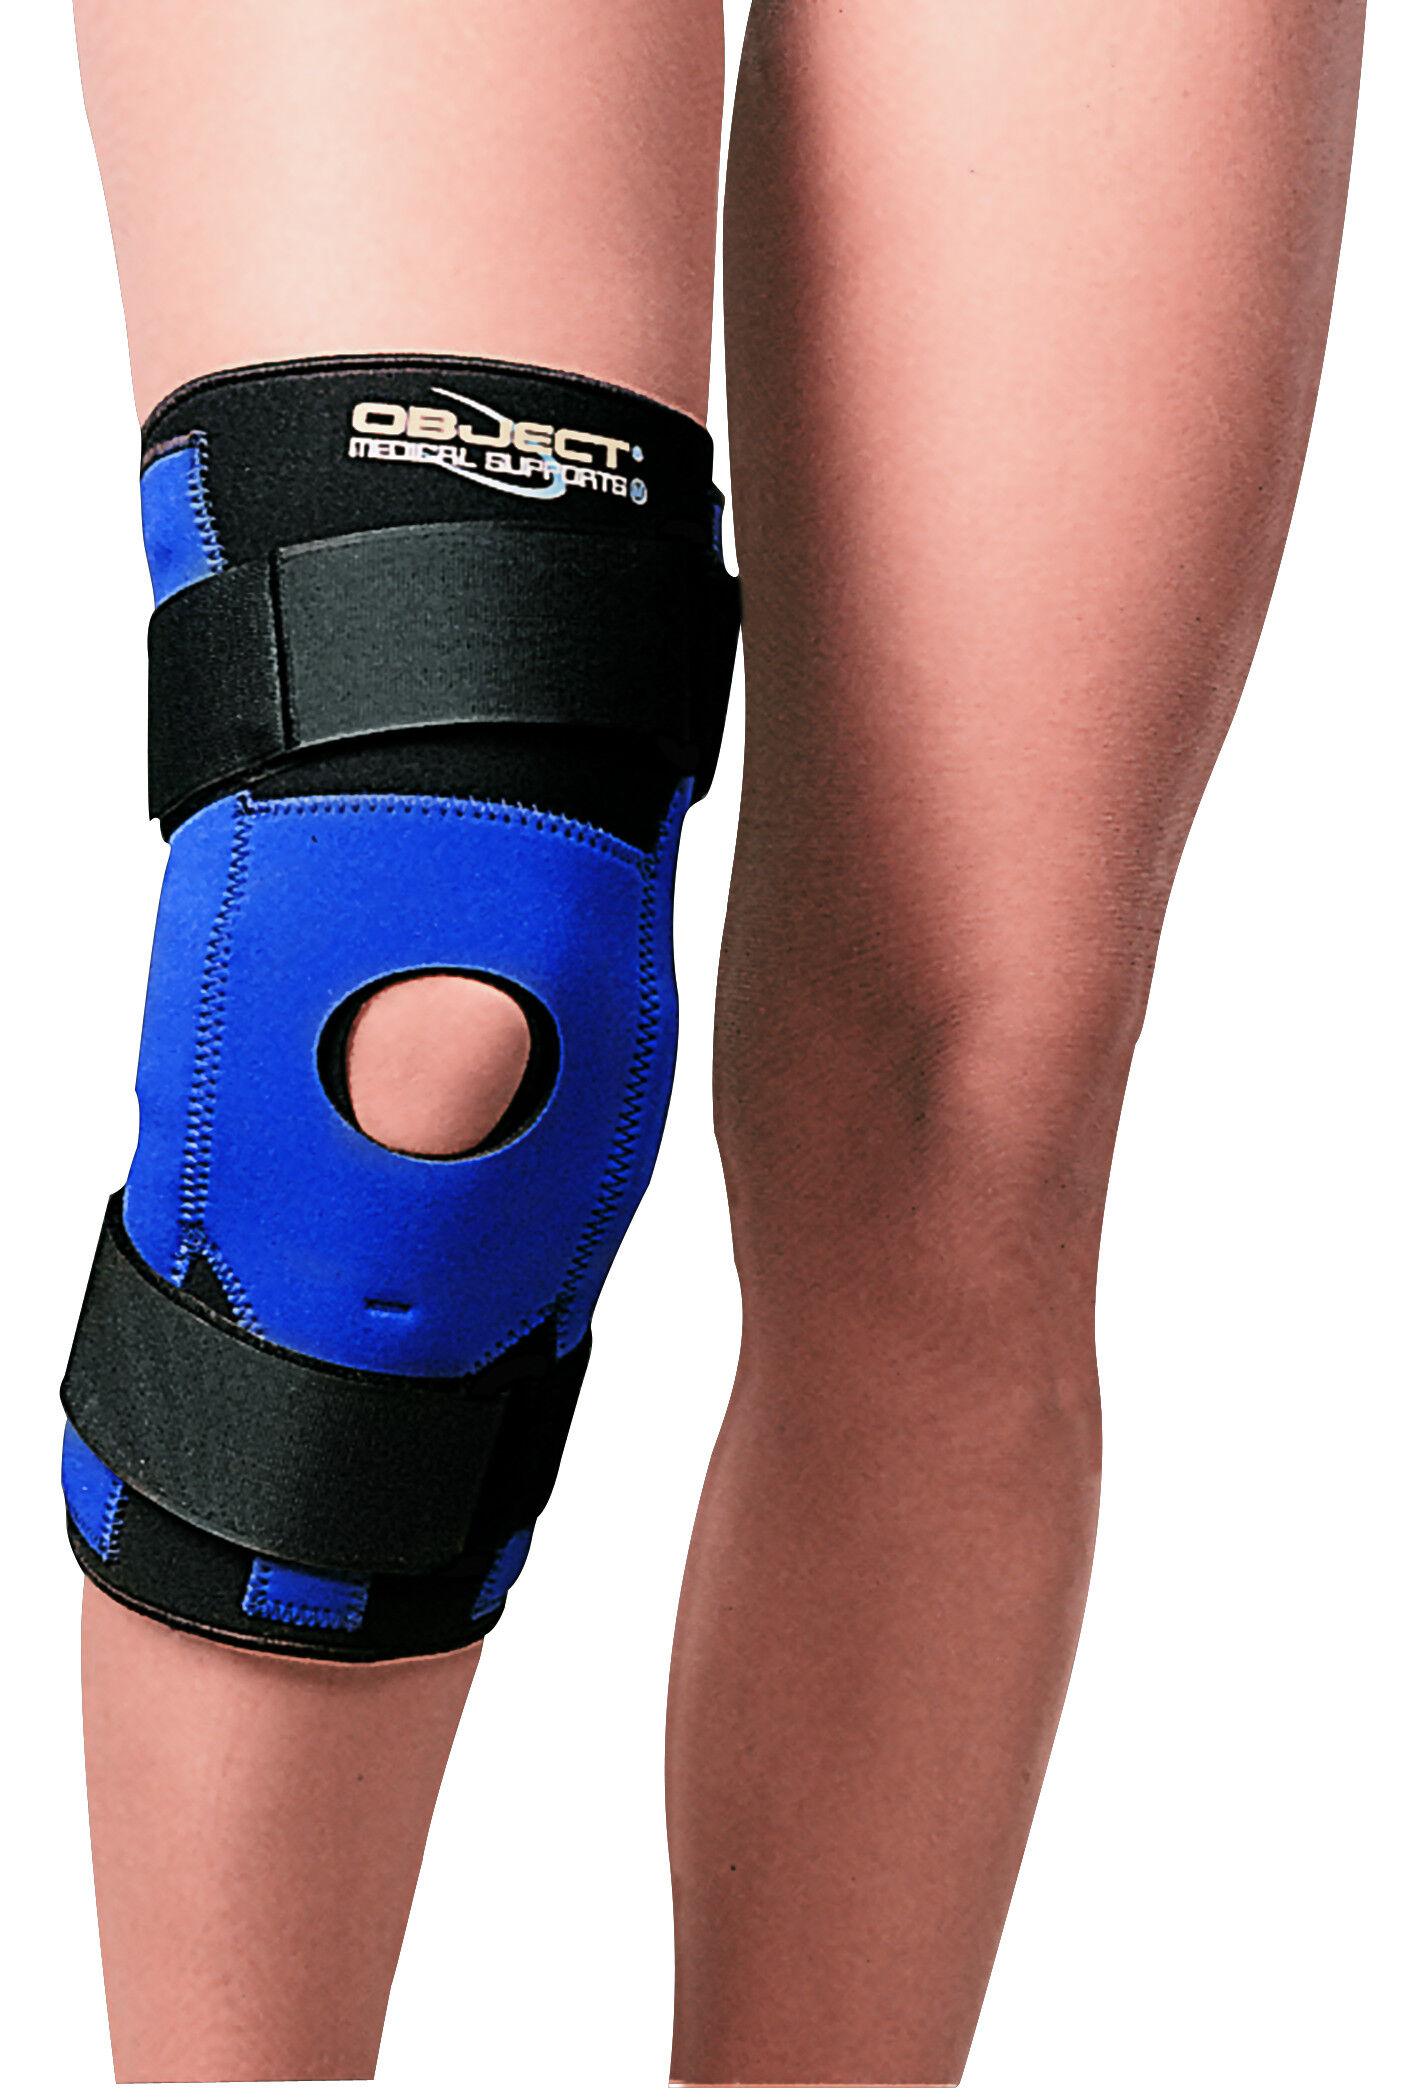 ro+ten ginocchiera rotulea ortopedica tubolare in neoprene con aste e stabilizzatore rotuleo varie misure